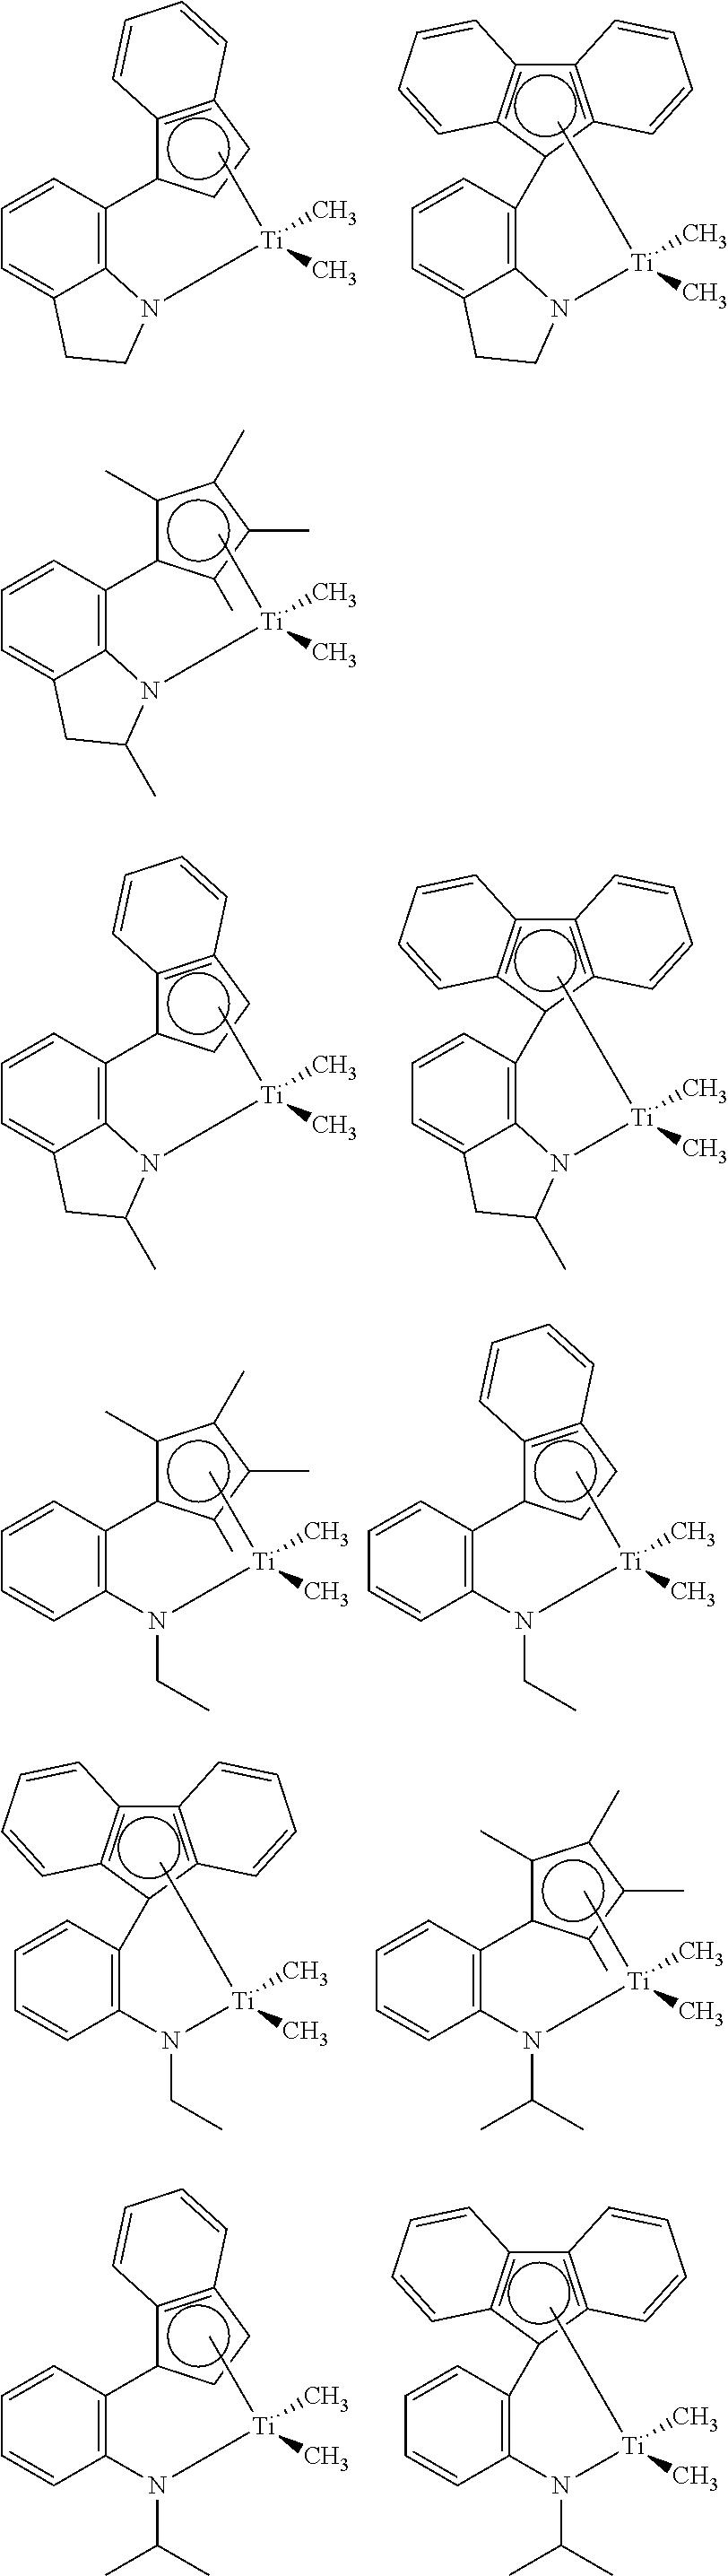 Figure US07932207-20110426-C00024